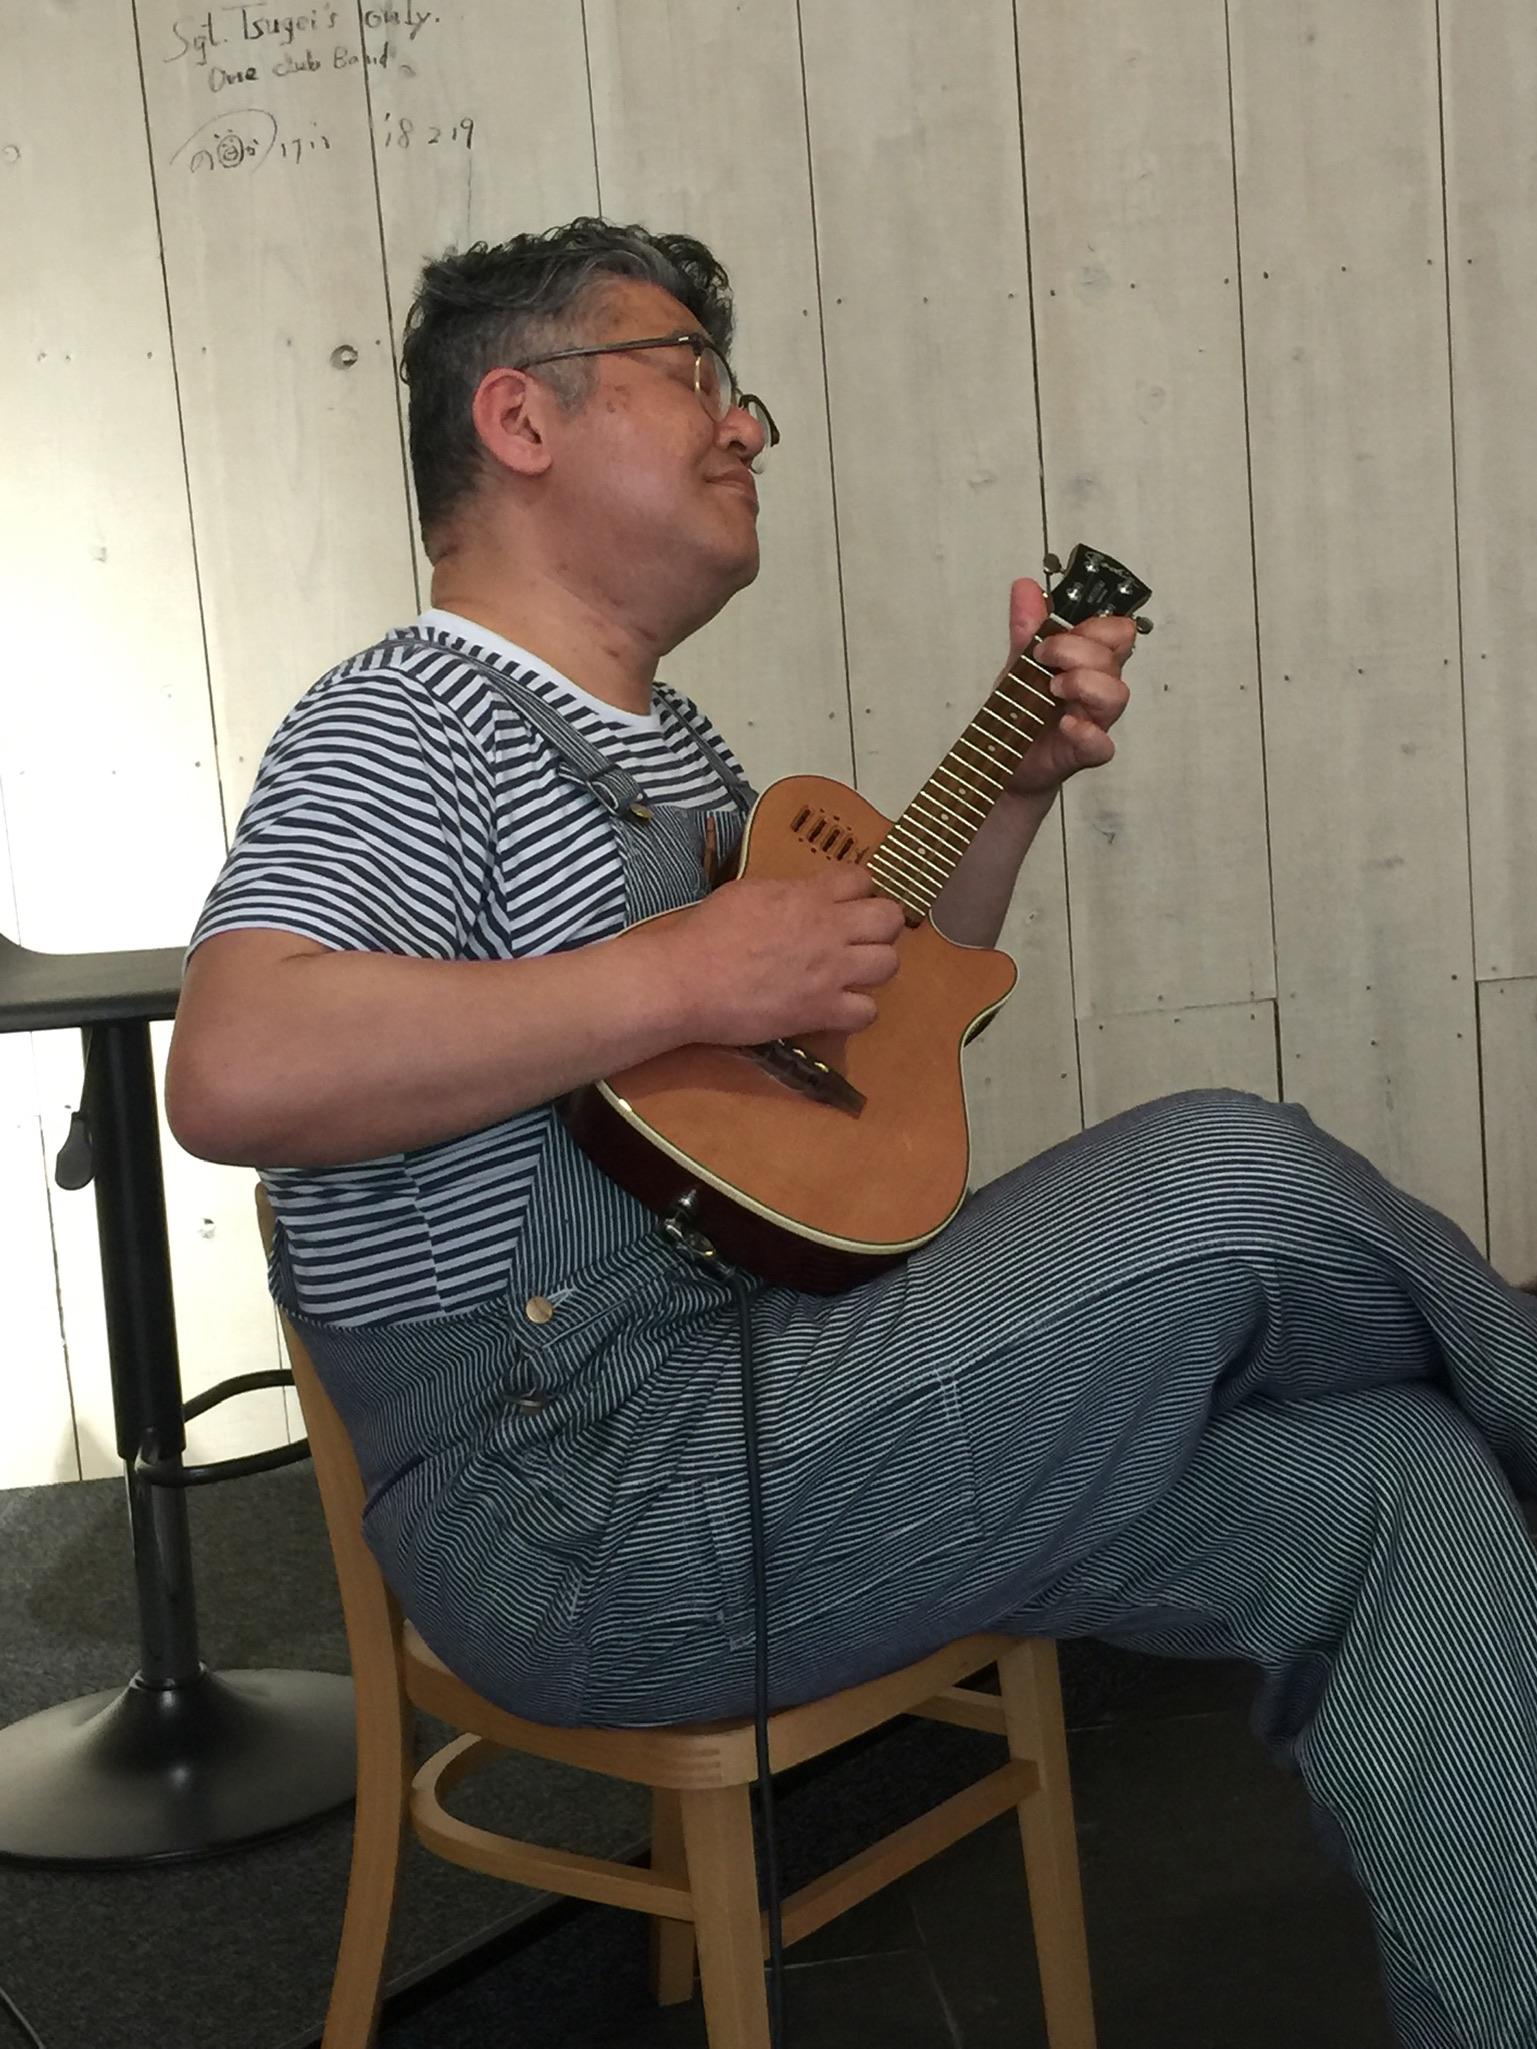 tominagahiroyuki